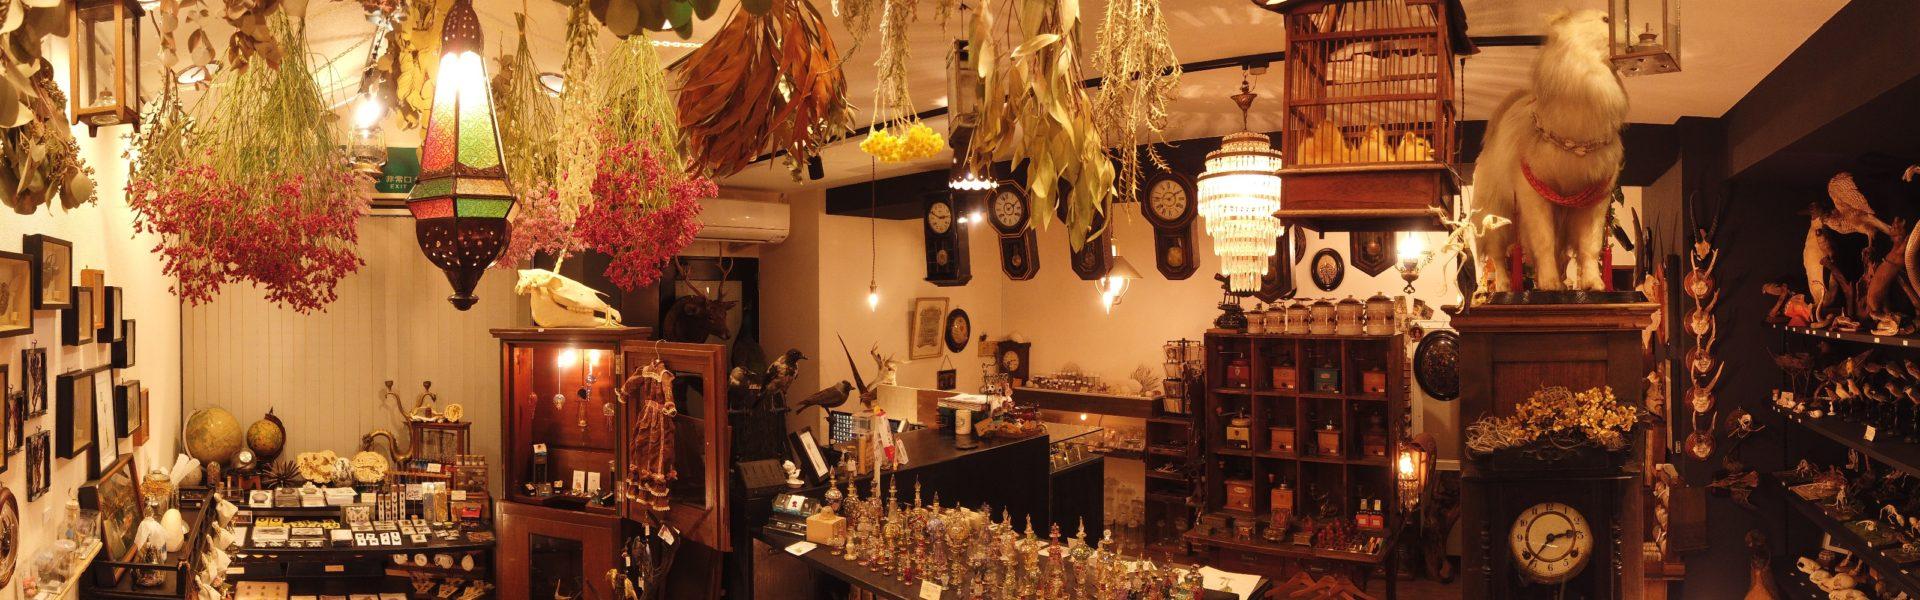 博物と古物の奇妙な雑貨店 シュレディンガーの猫|金沢の奇妙な雑貨屋さん